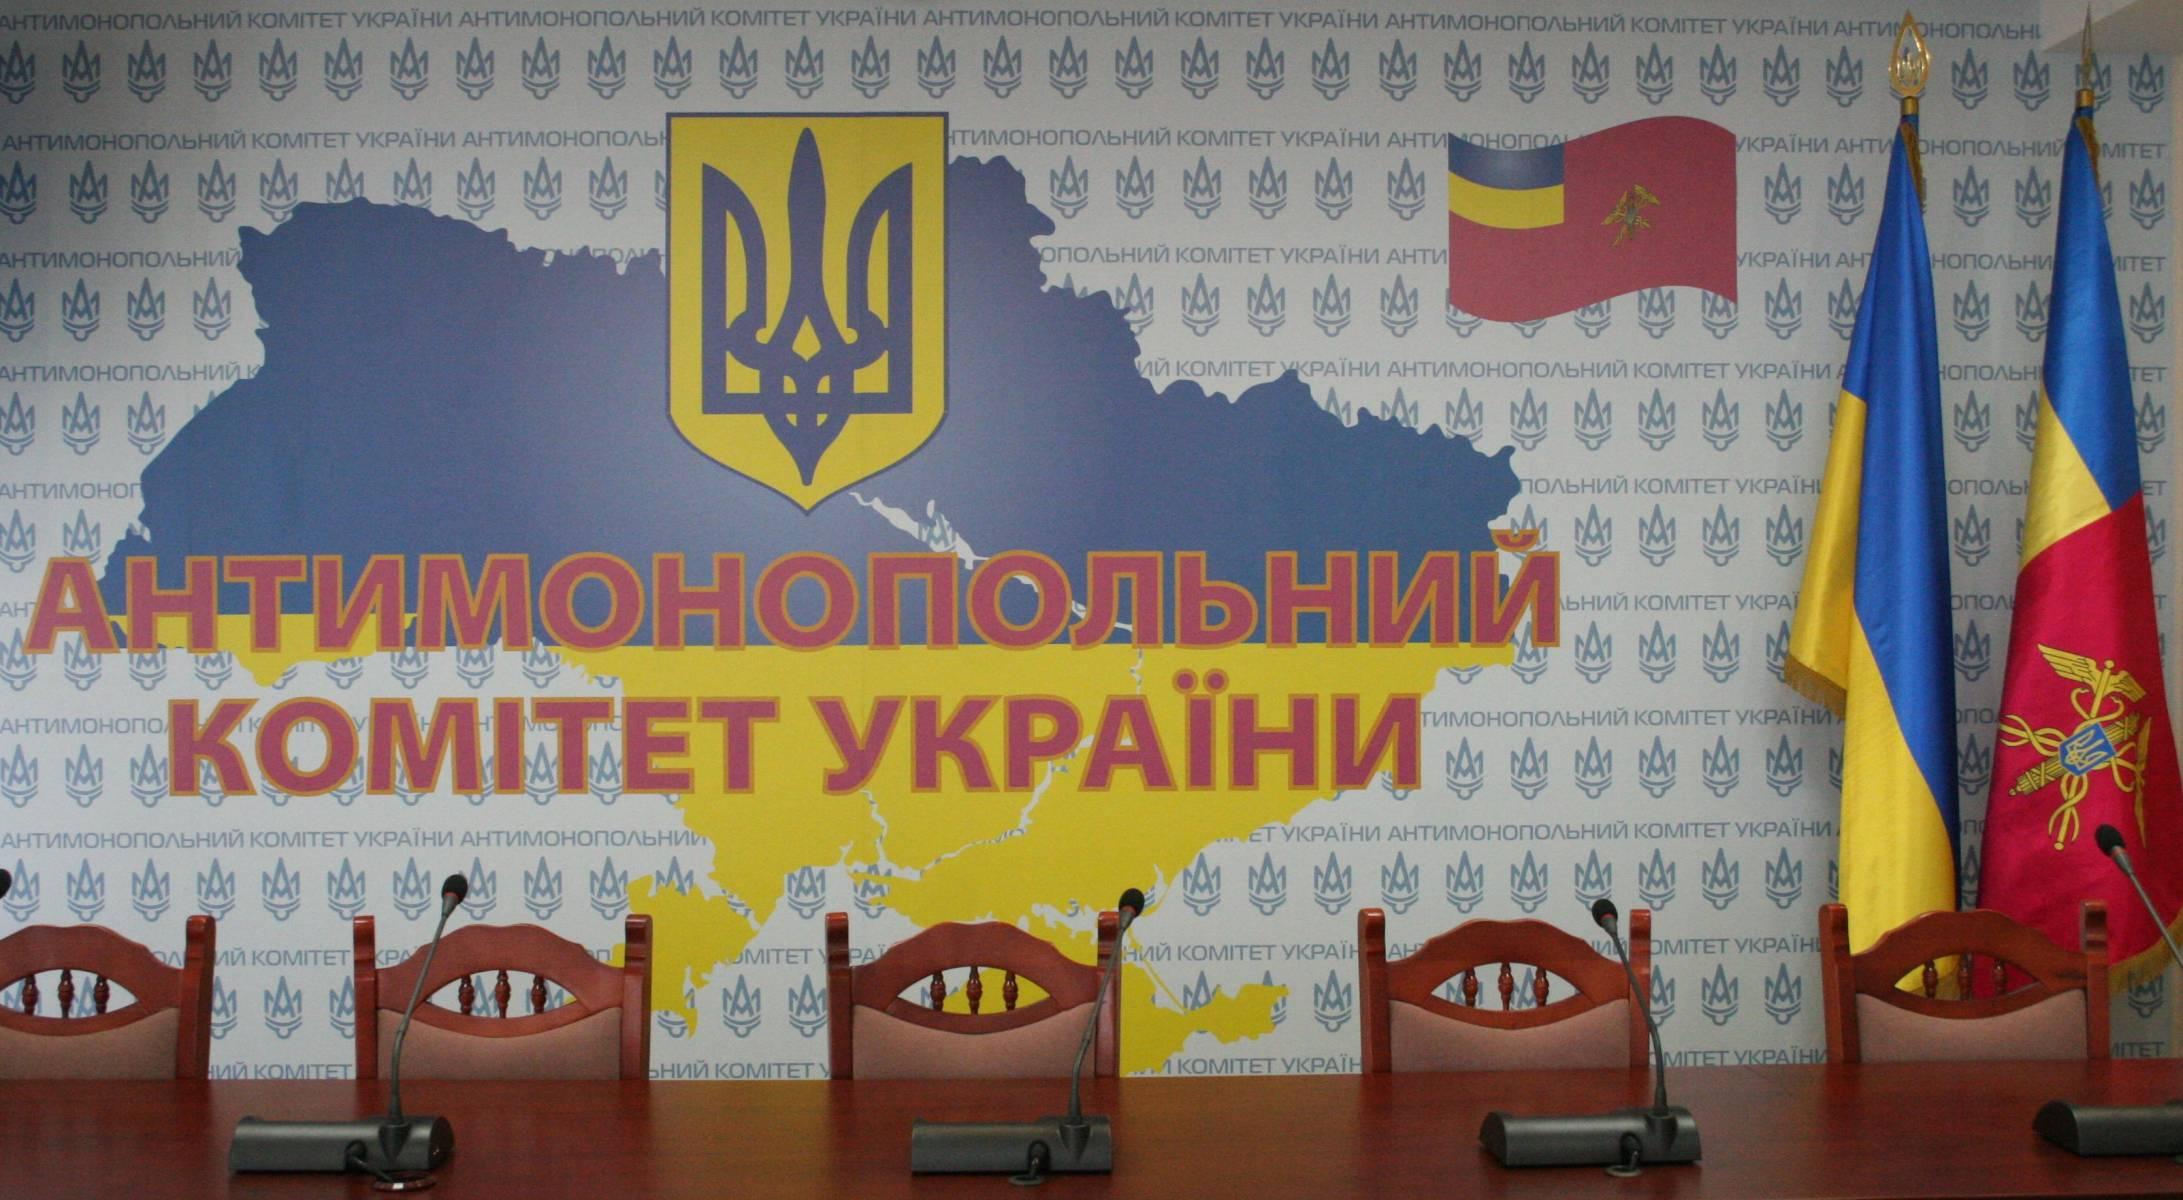 антимонопольний комітет україни (АМКУ)